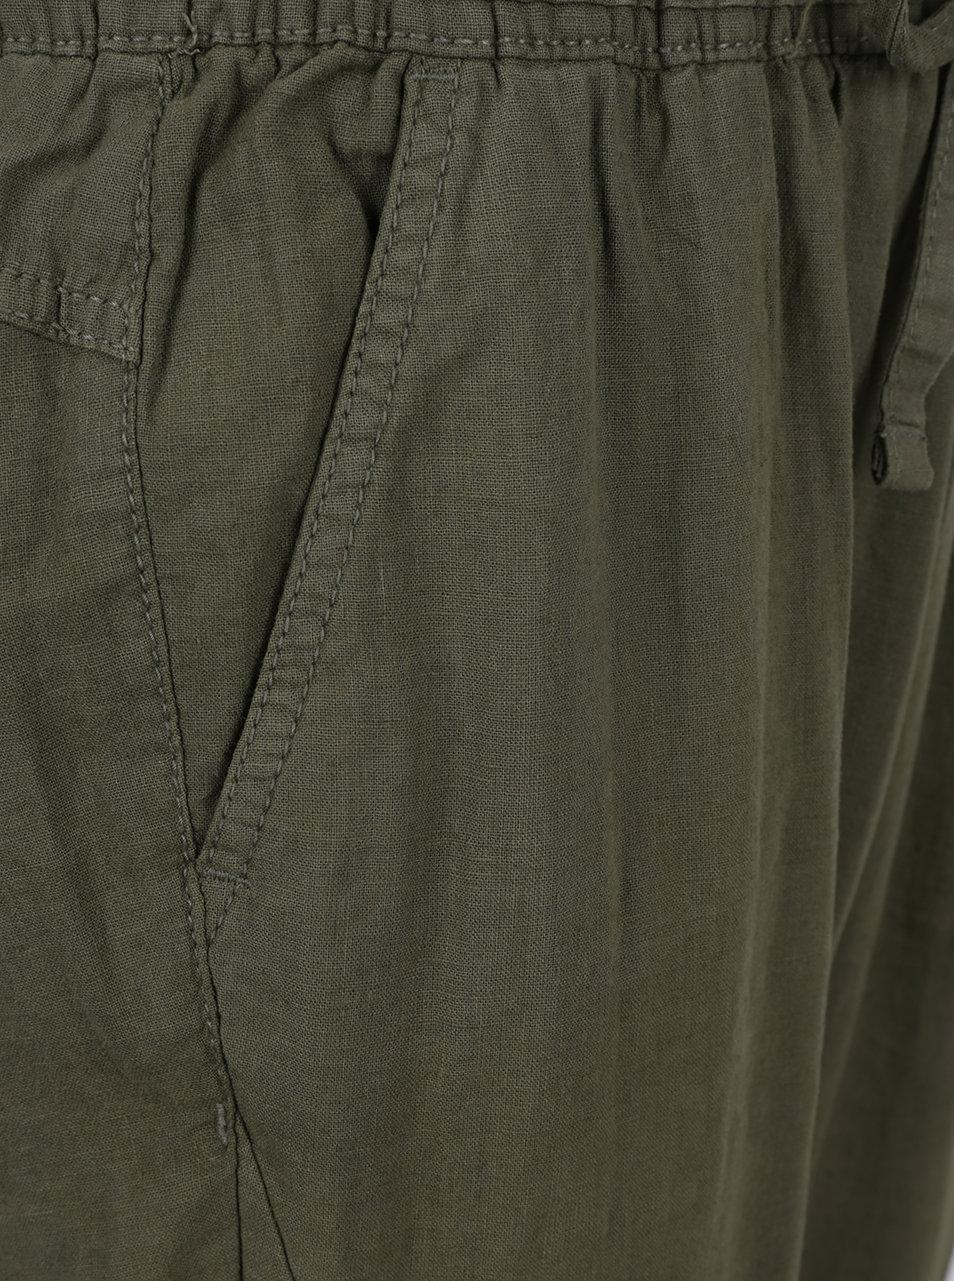 Kaki dámske voľné ľanové nohavice s pružným pásom QS by s.Oliver ... 74d13c6ada8